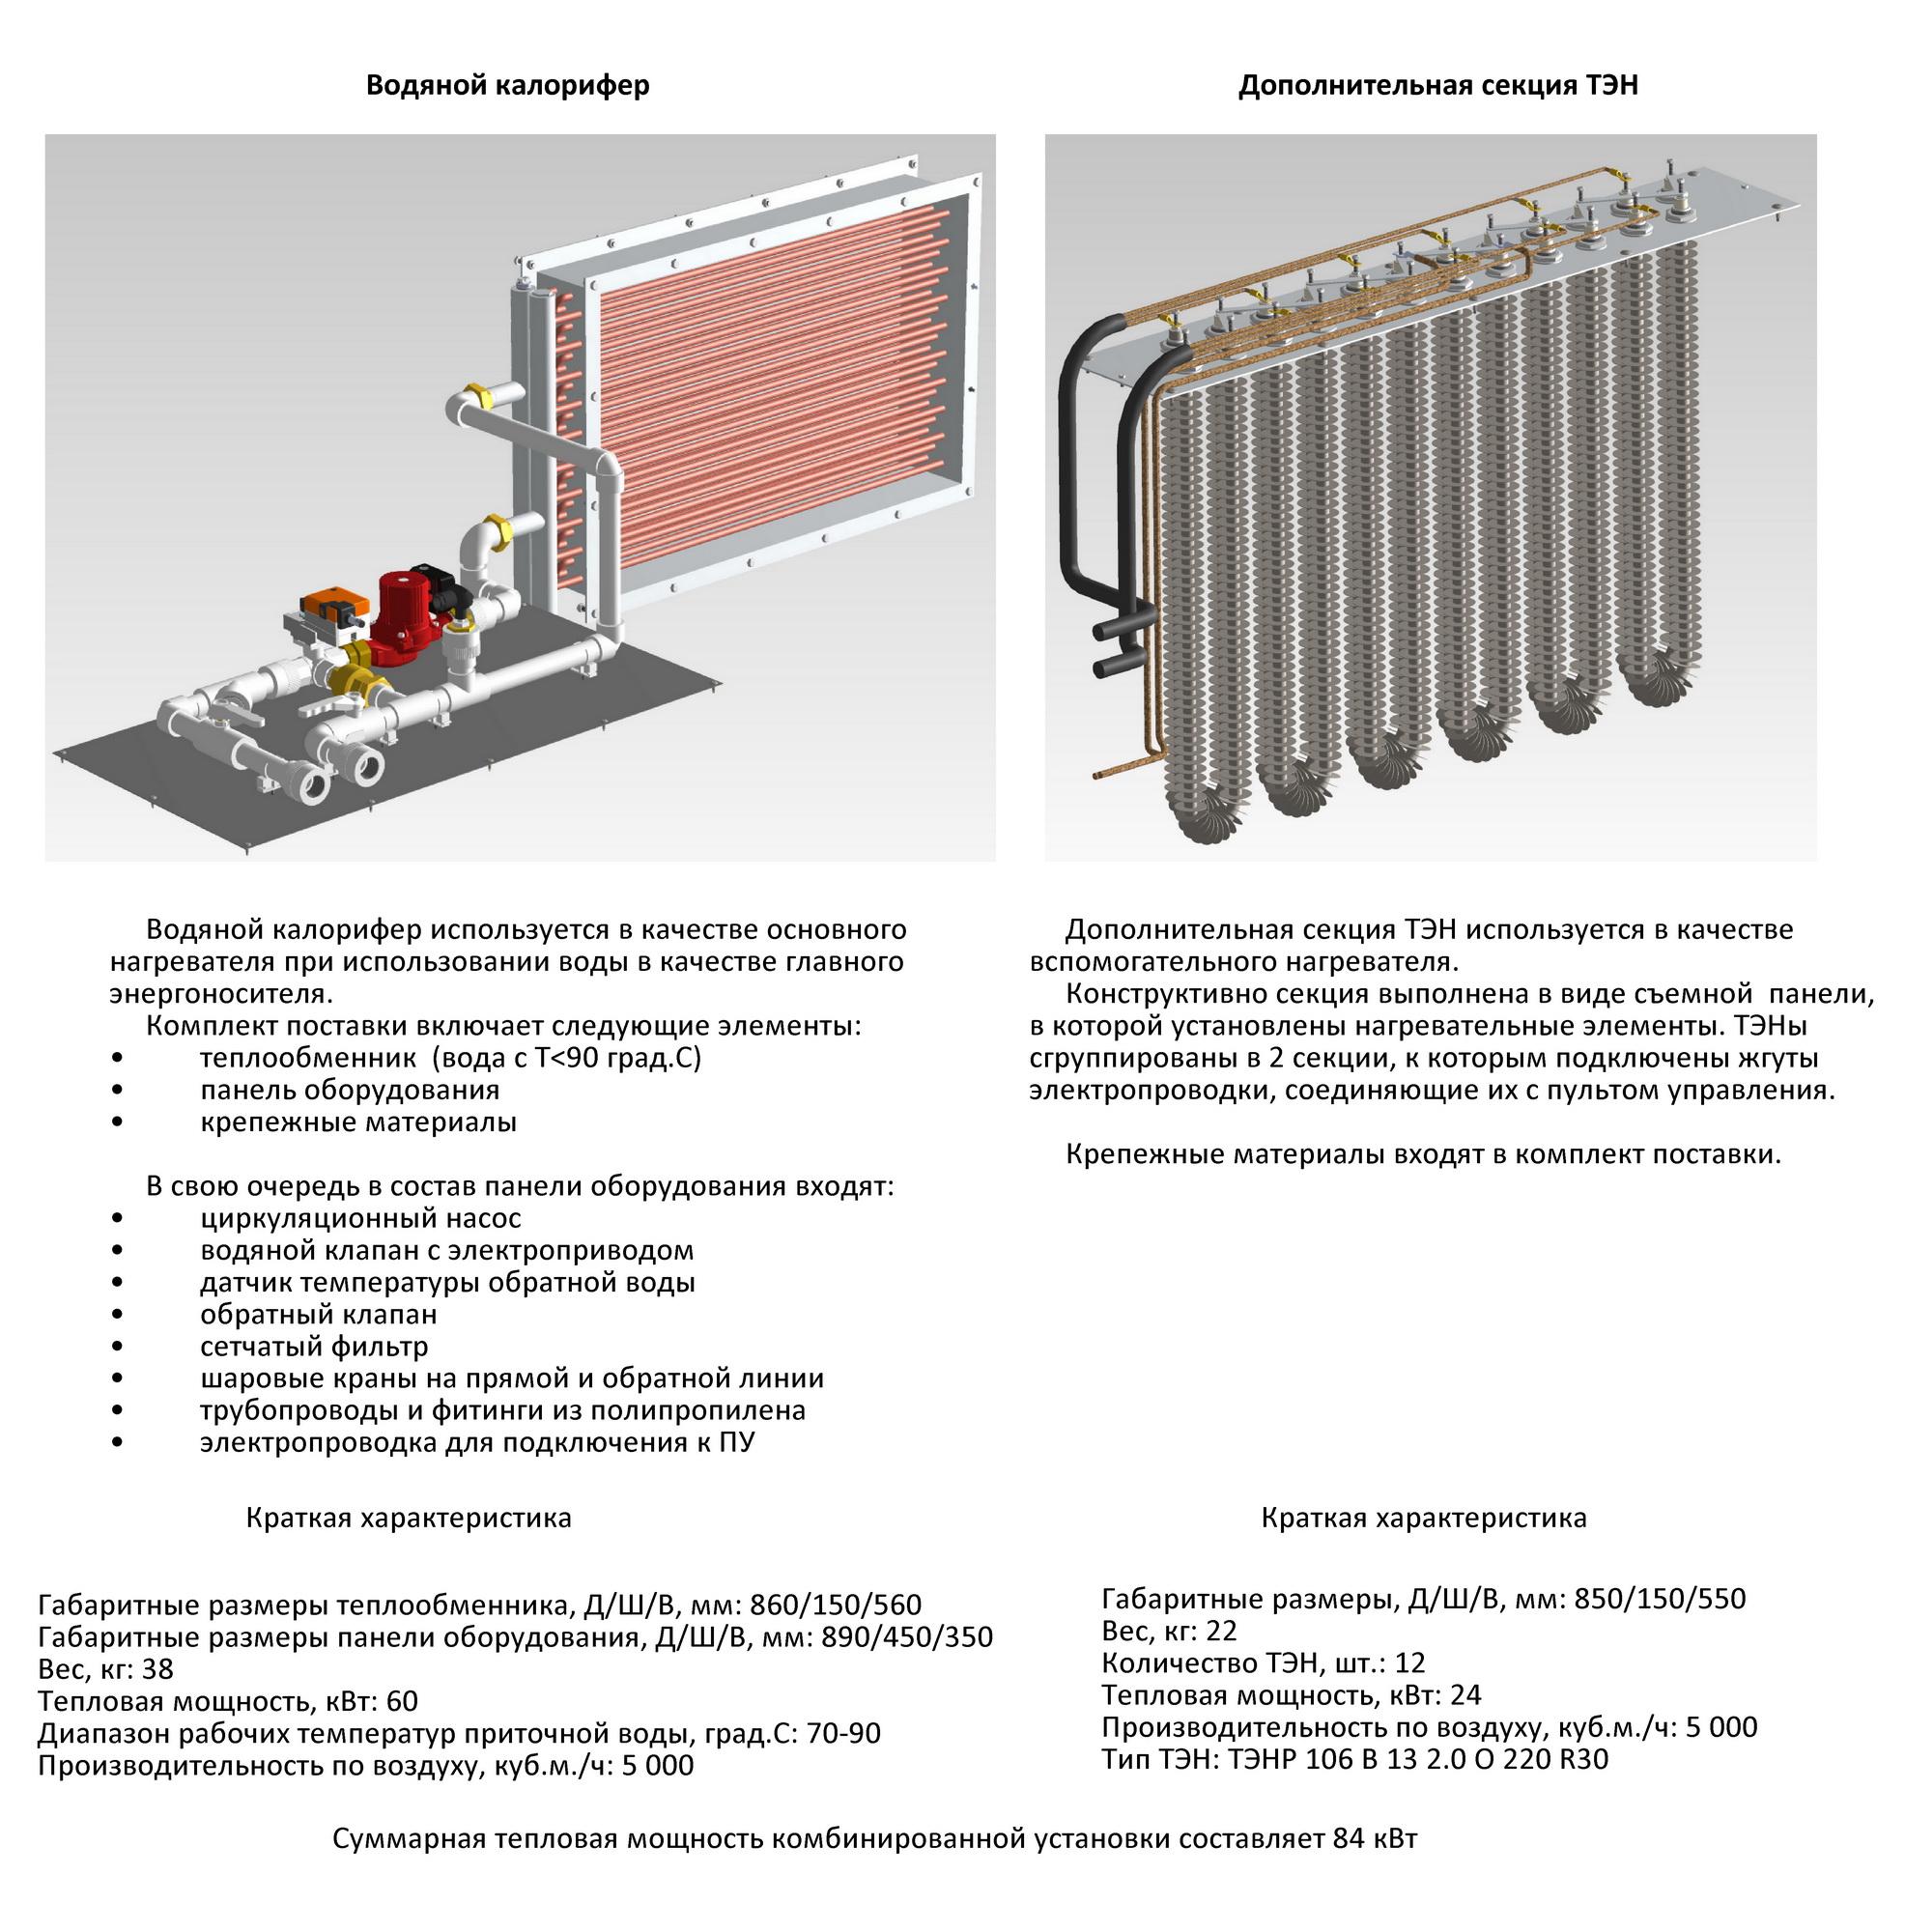 Виды калориферов и расчёт их мощности для вентиляции